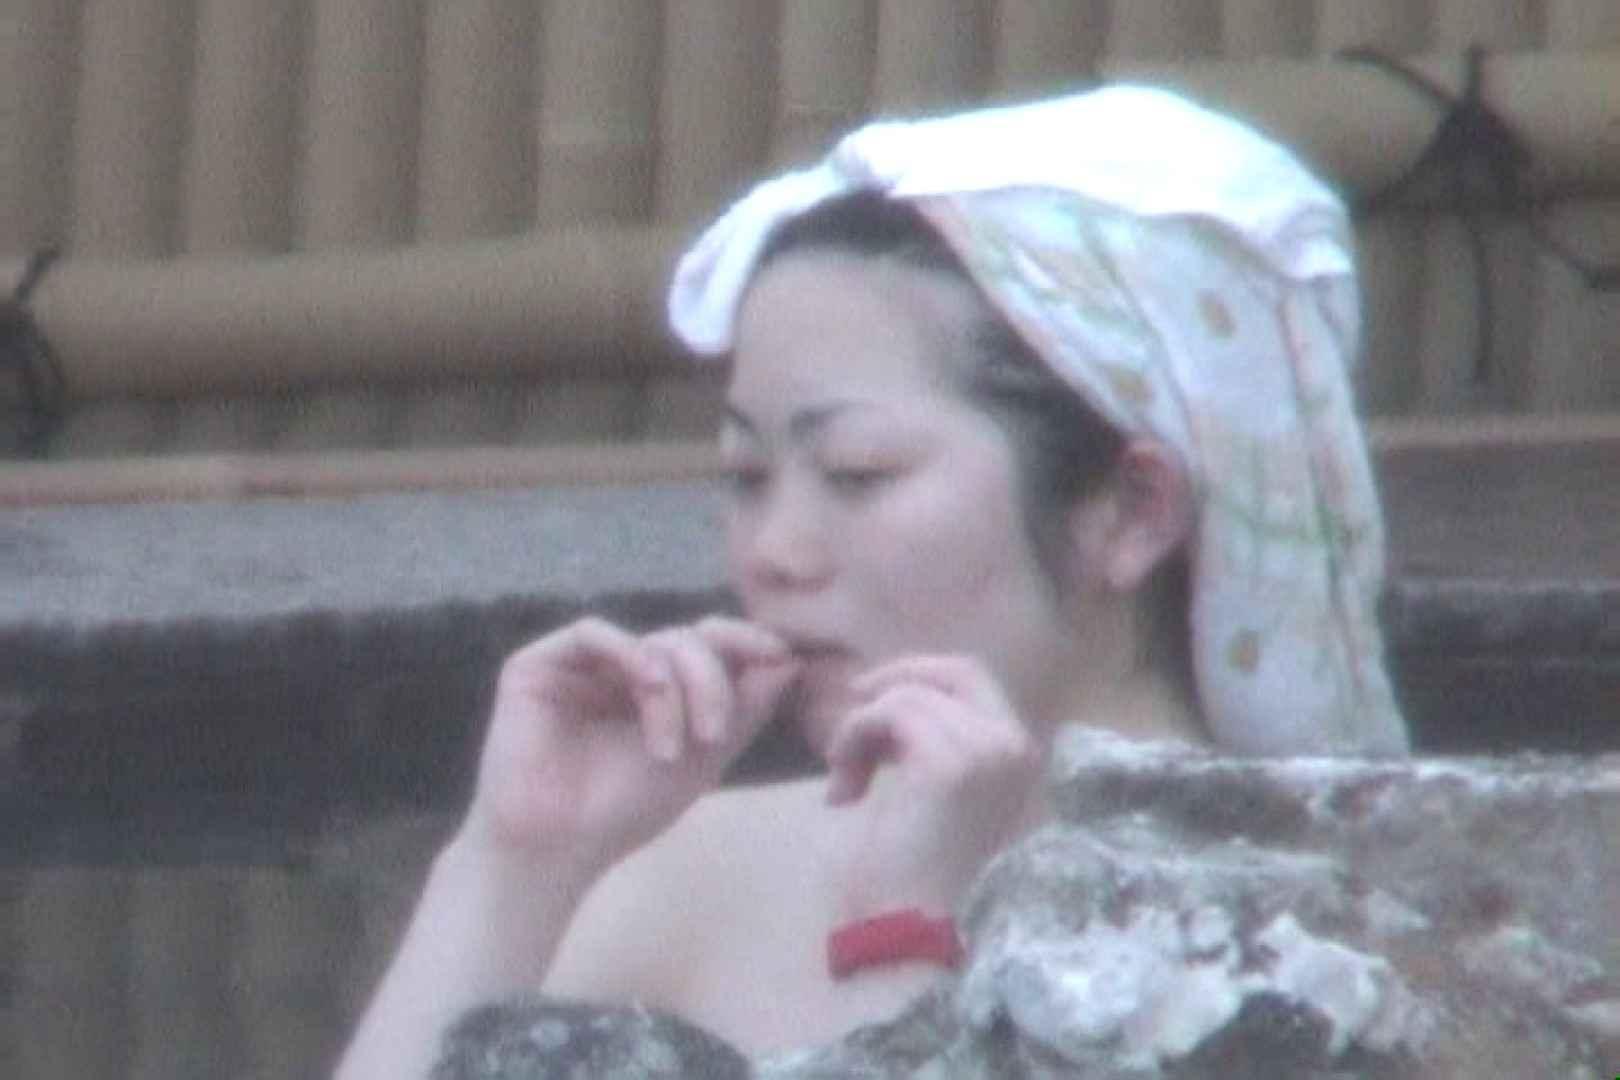 Aquaな露天風呂Vol.86【VIP限定】 盗撮師作品   美しいOLの裸体  94pic 16